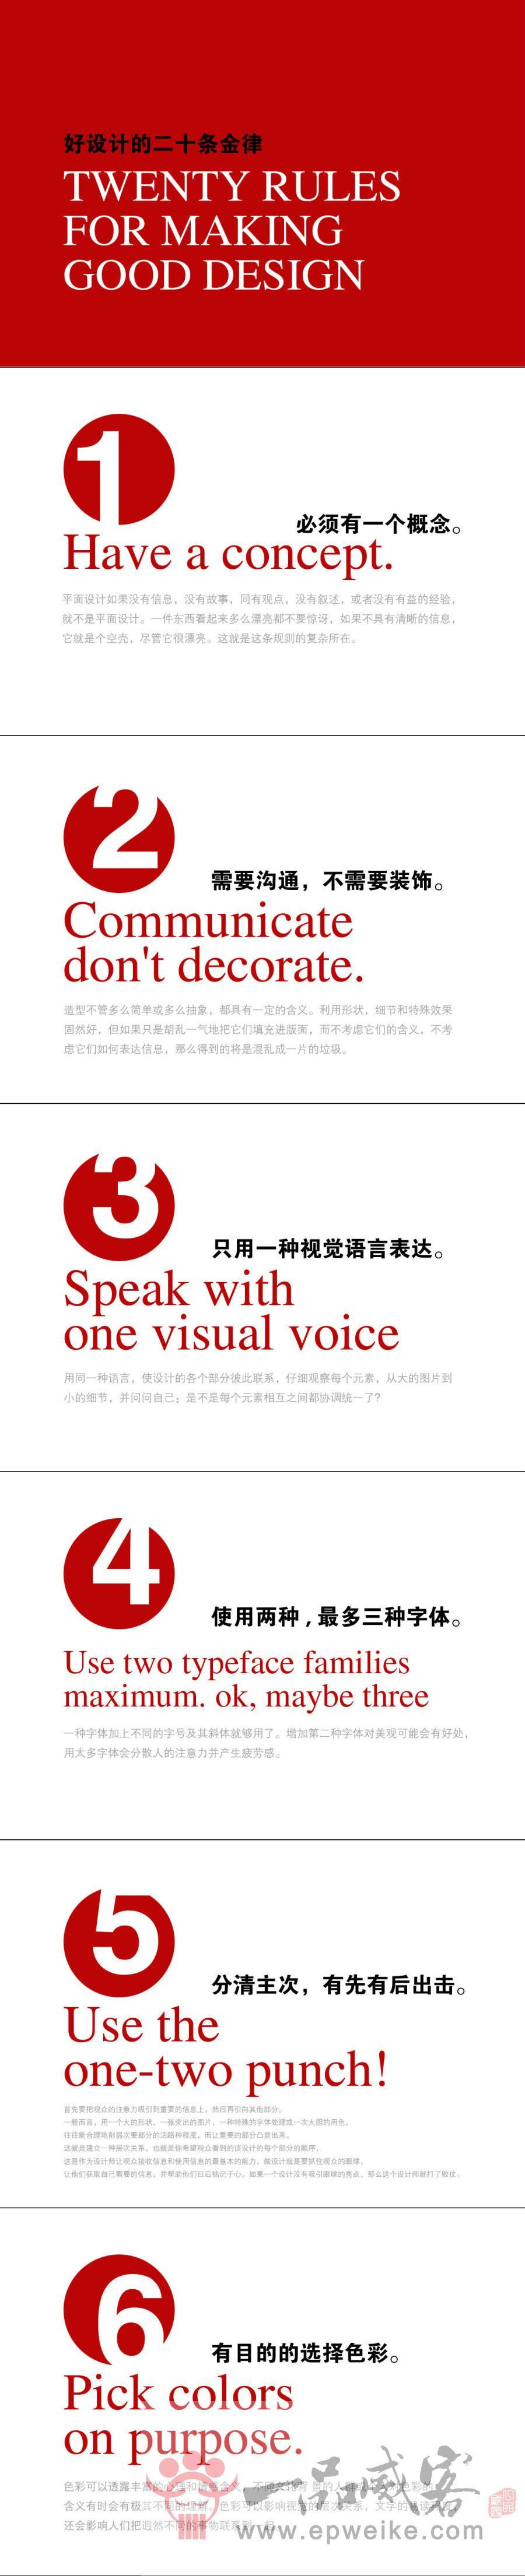 规范海报设计模版种类 各种海报设计模版介绍